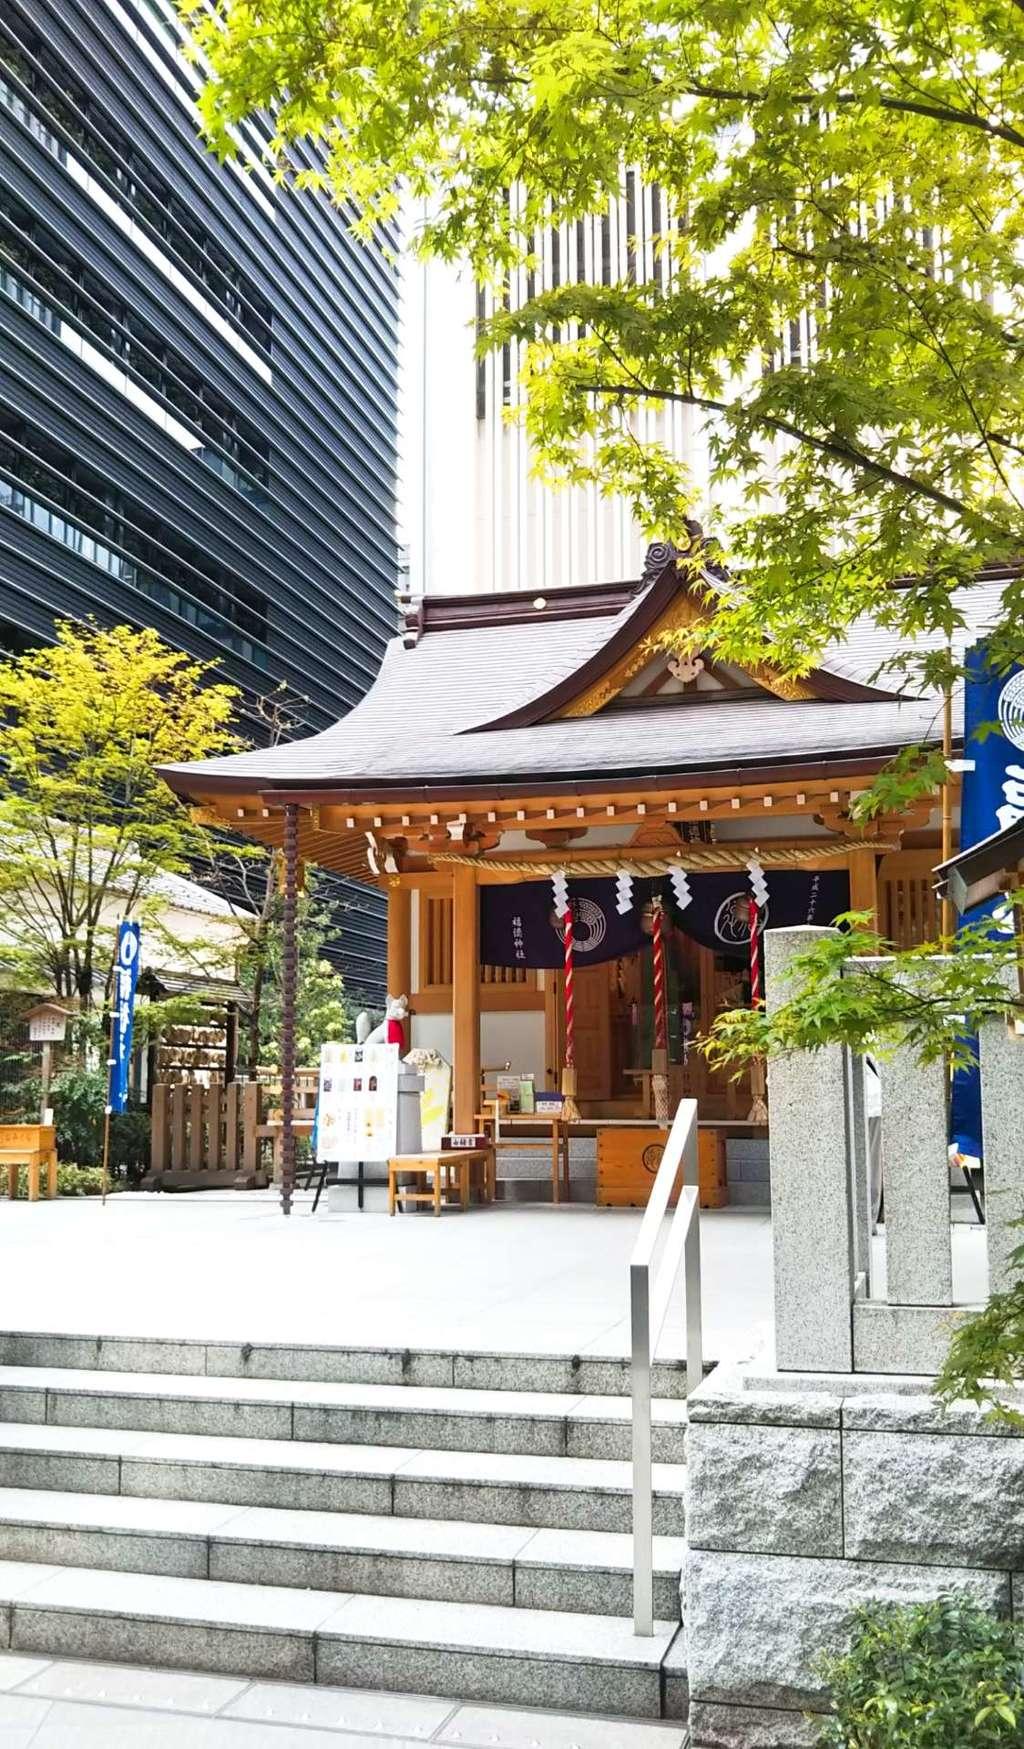 福徳神社(福徳稲荷神社)の写真一覧東京都 三越前駅